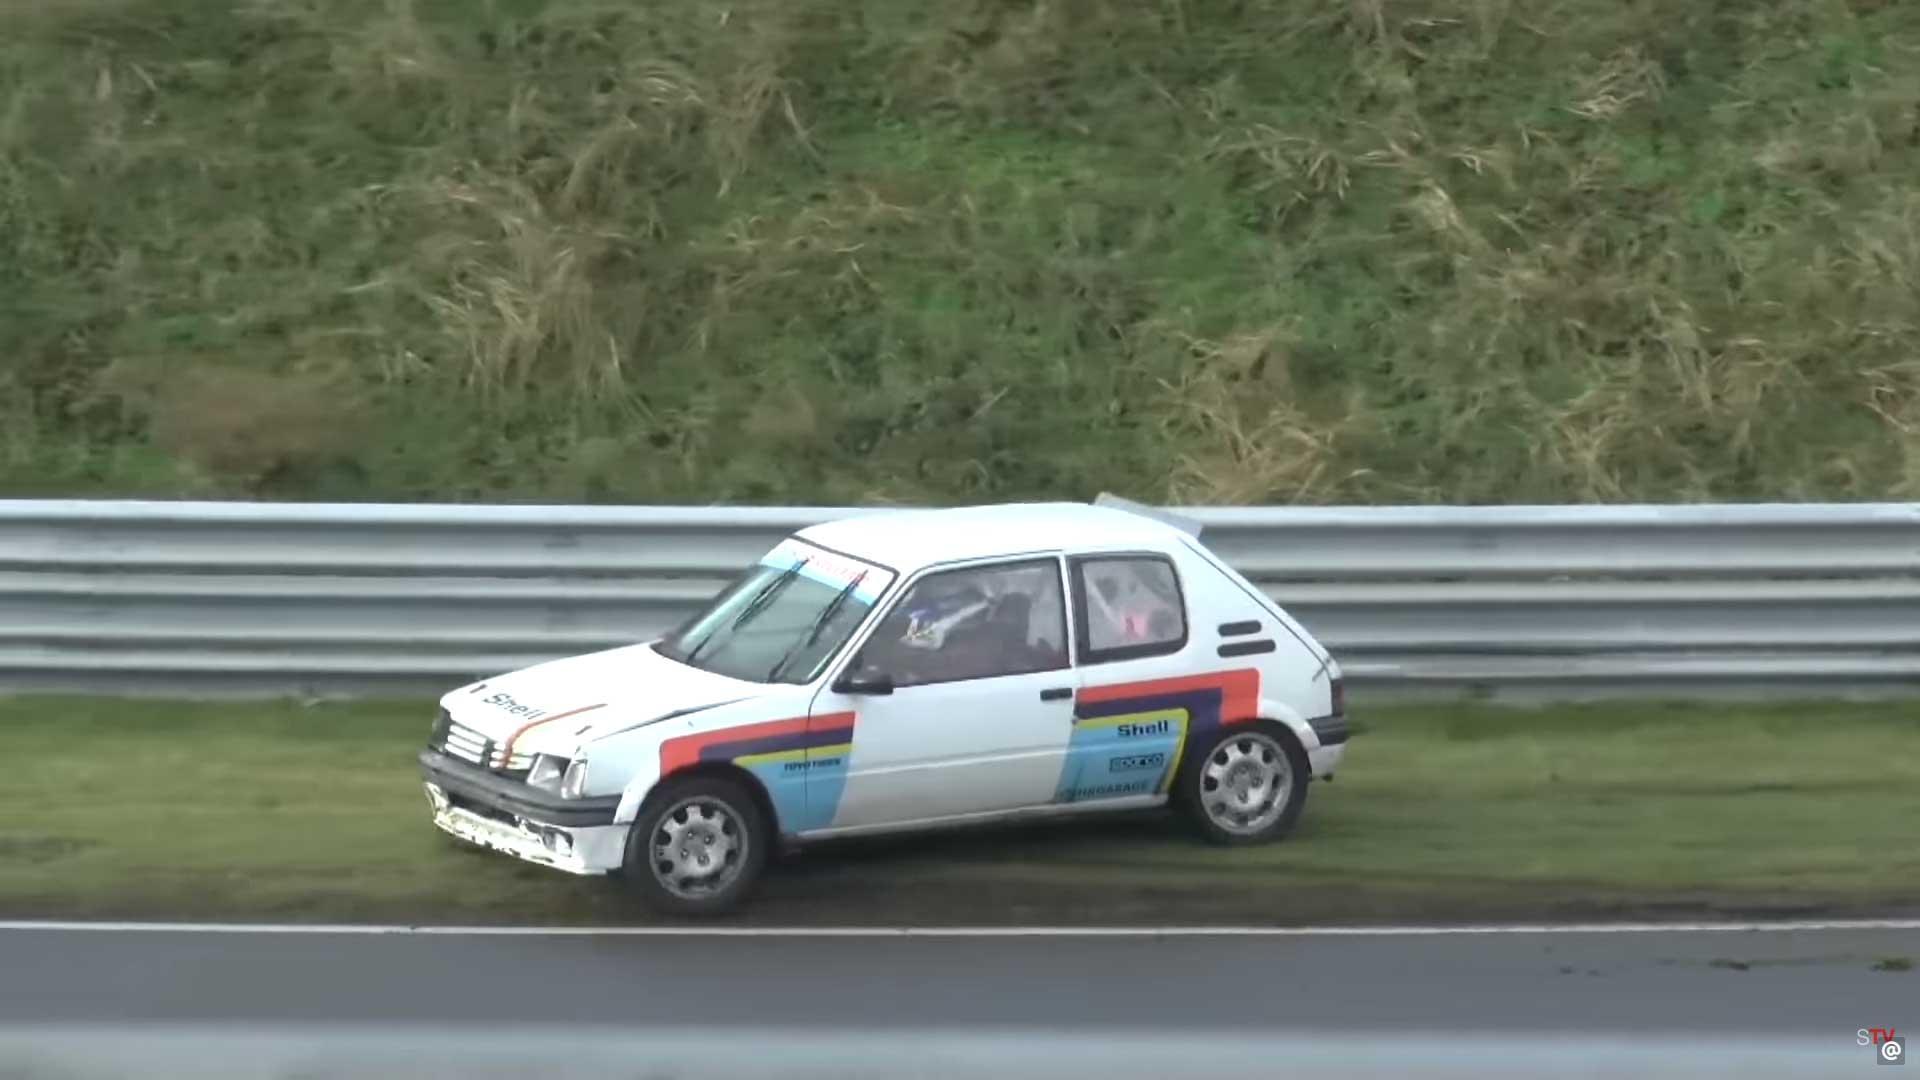 Peugeot 205 crasht op Circuit Zandvoort